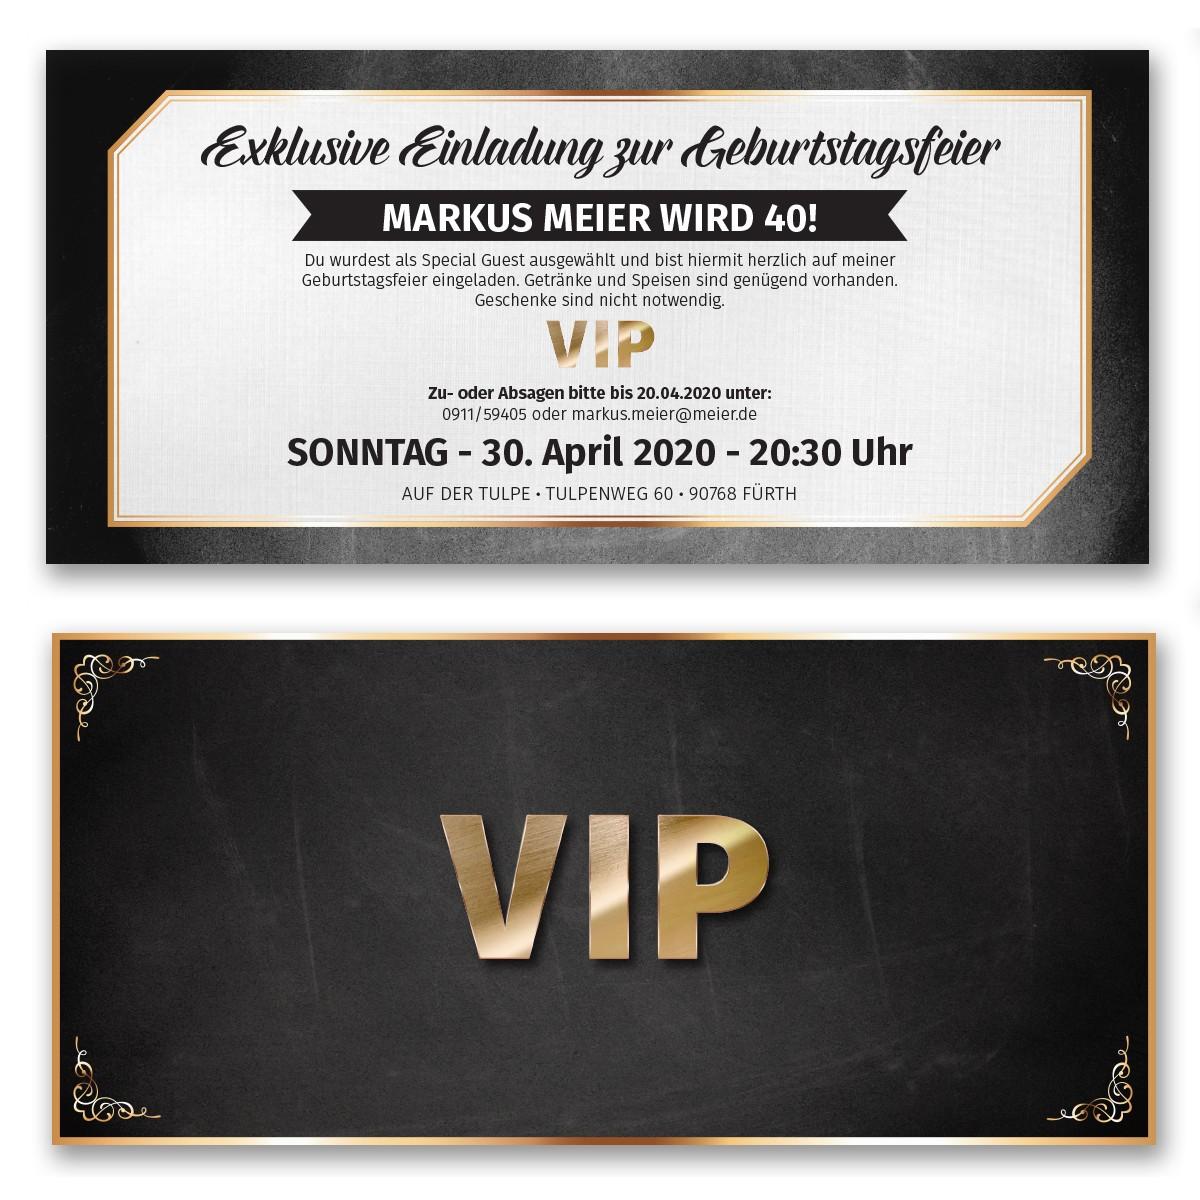 Einladungskarten als VIP-Ticket ab 43 Cent / Einladung ... - Einladungskarten Vip Ticket